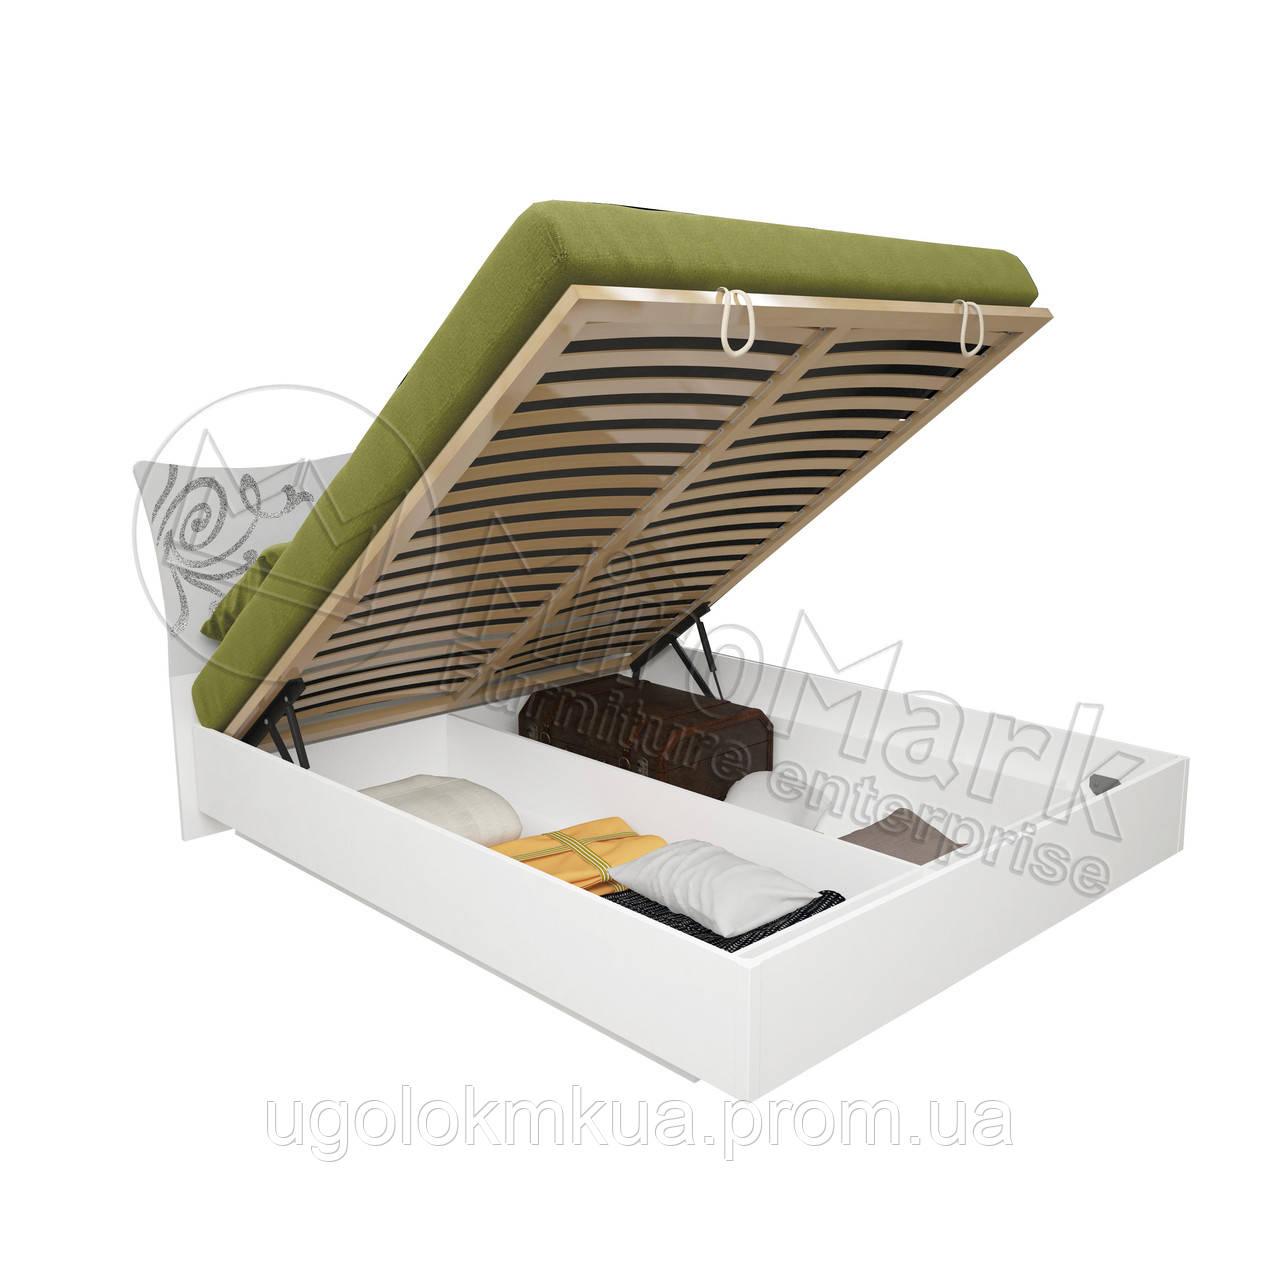 Спальня Богема белый глянец кровать 1,60*2,00 подъемная с каркасом